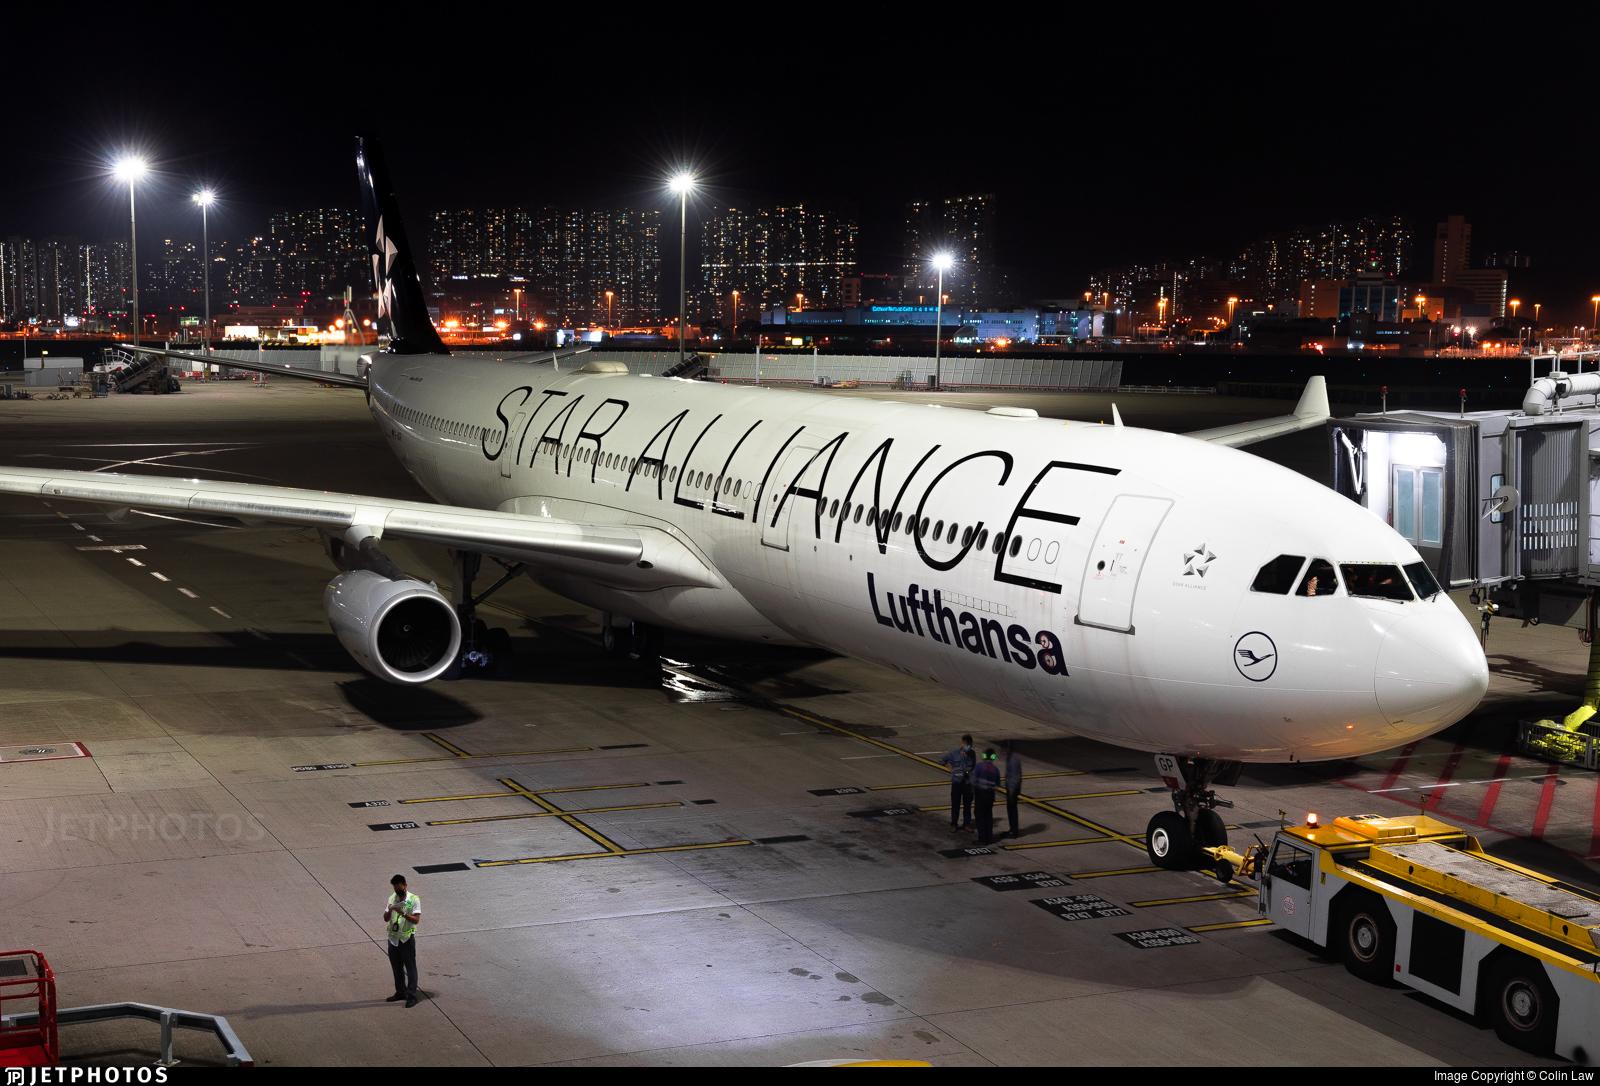 D-AIGP - Airbus A340-313X - Lufthansa